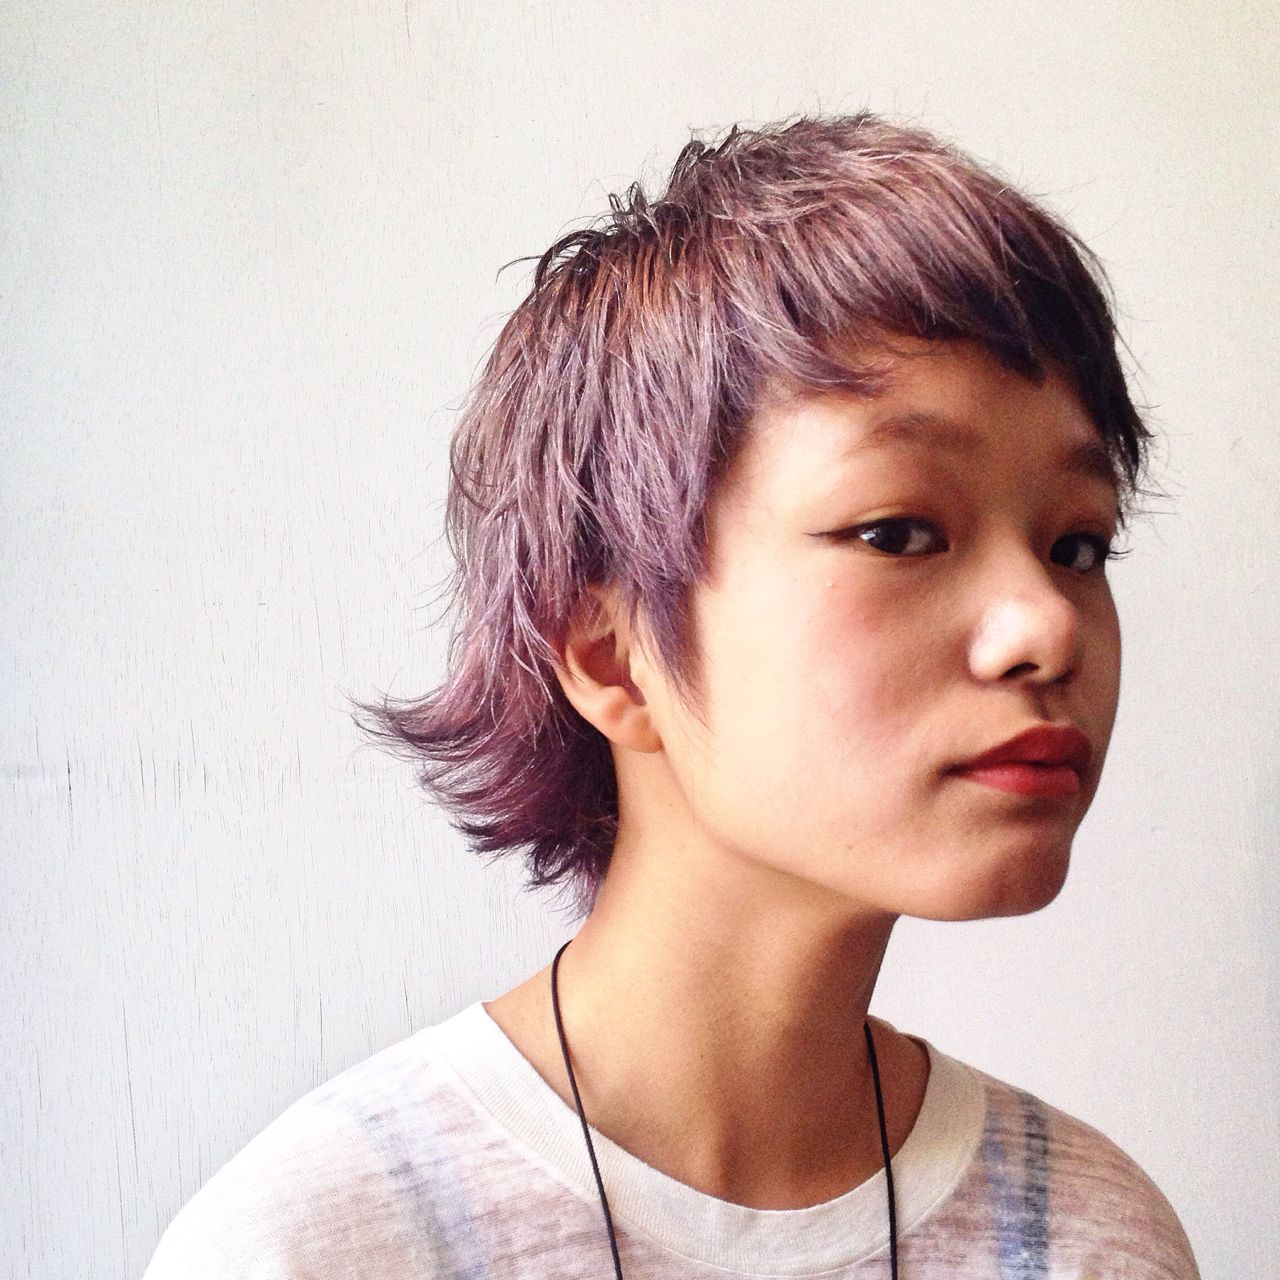 モード ウルフカット ショート 外ハネ ヘアスタイルや髪型の写真・画像 | 井上 拓耶 / know hair studio